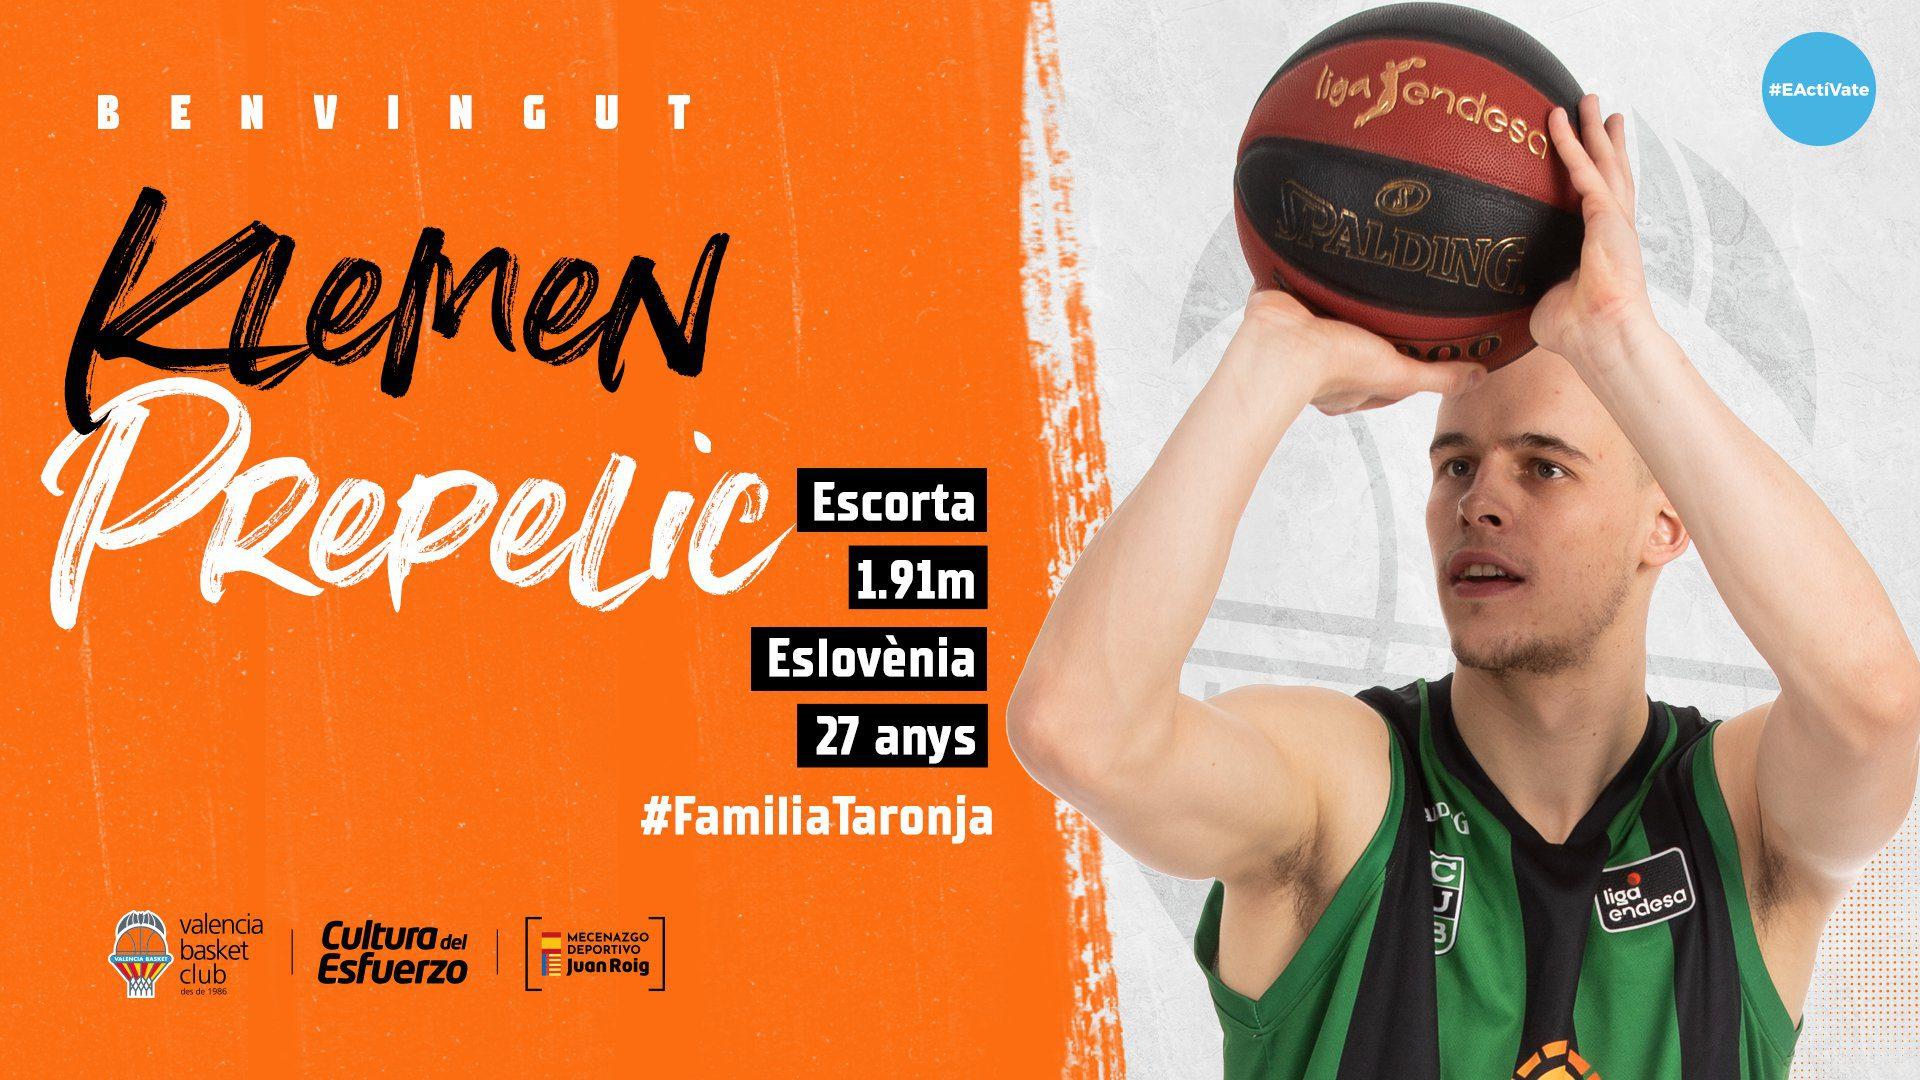 El Valencia Basket anuncia el fichaje de Klemen Prepelic. Así está su plantilla ahora mismo